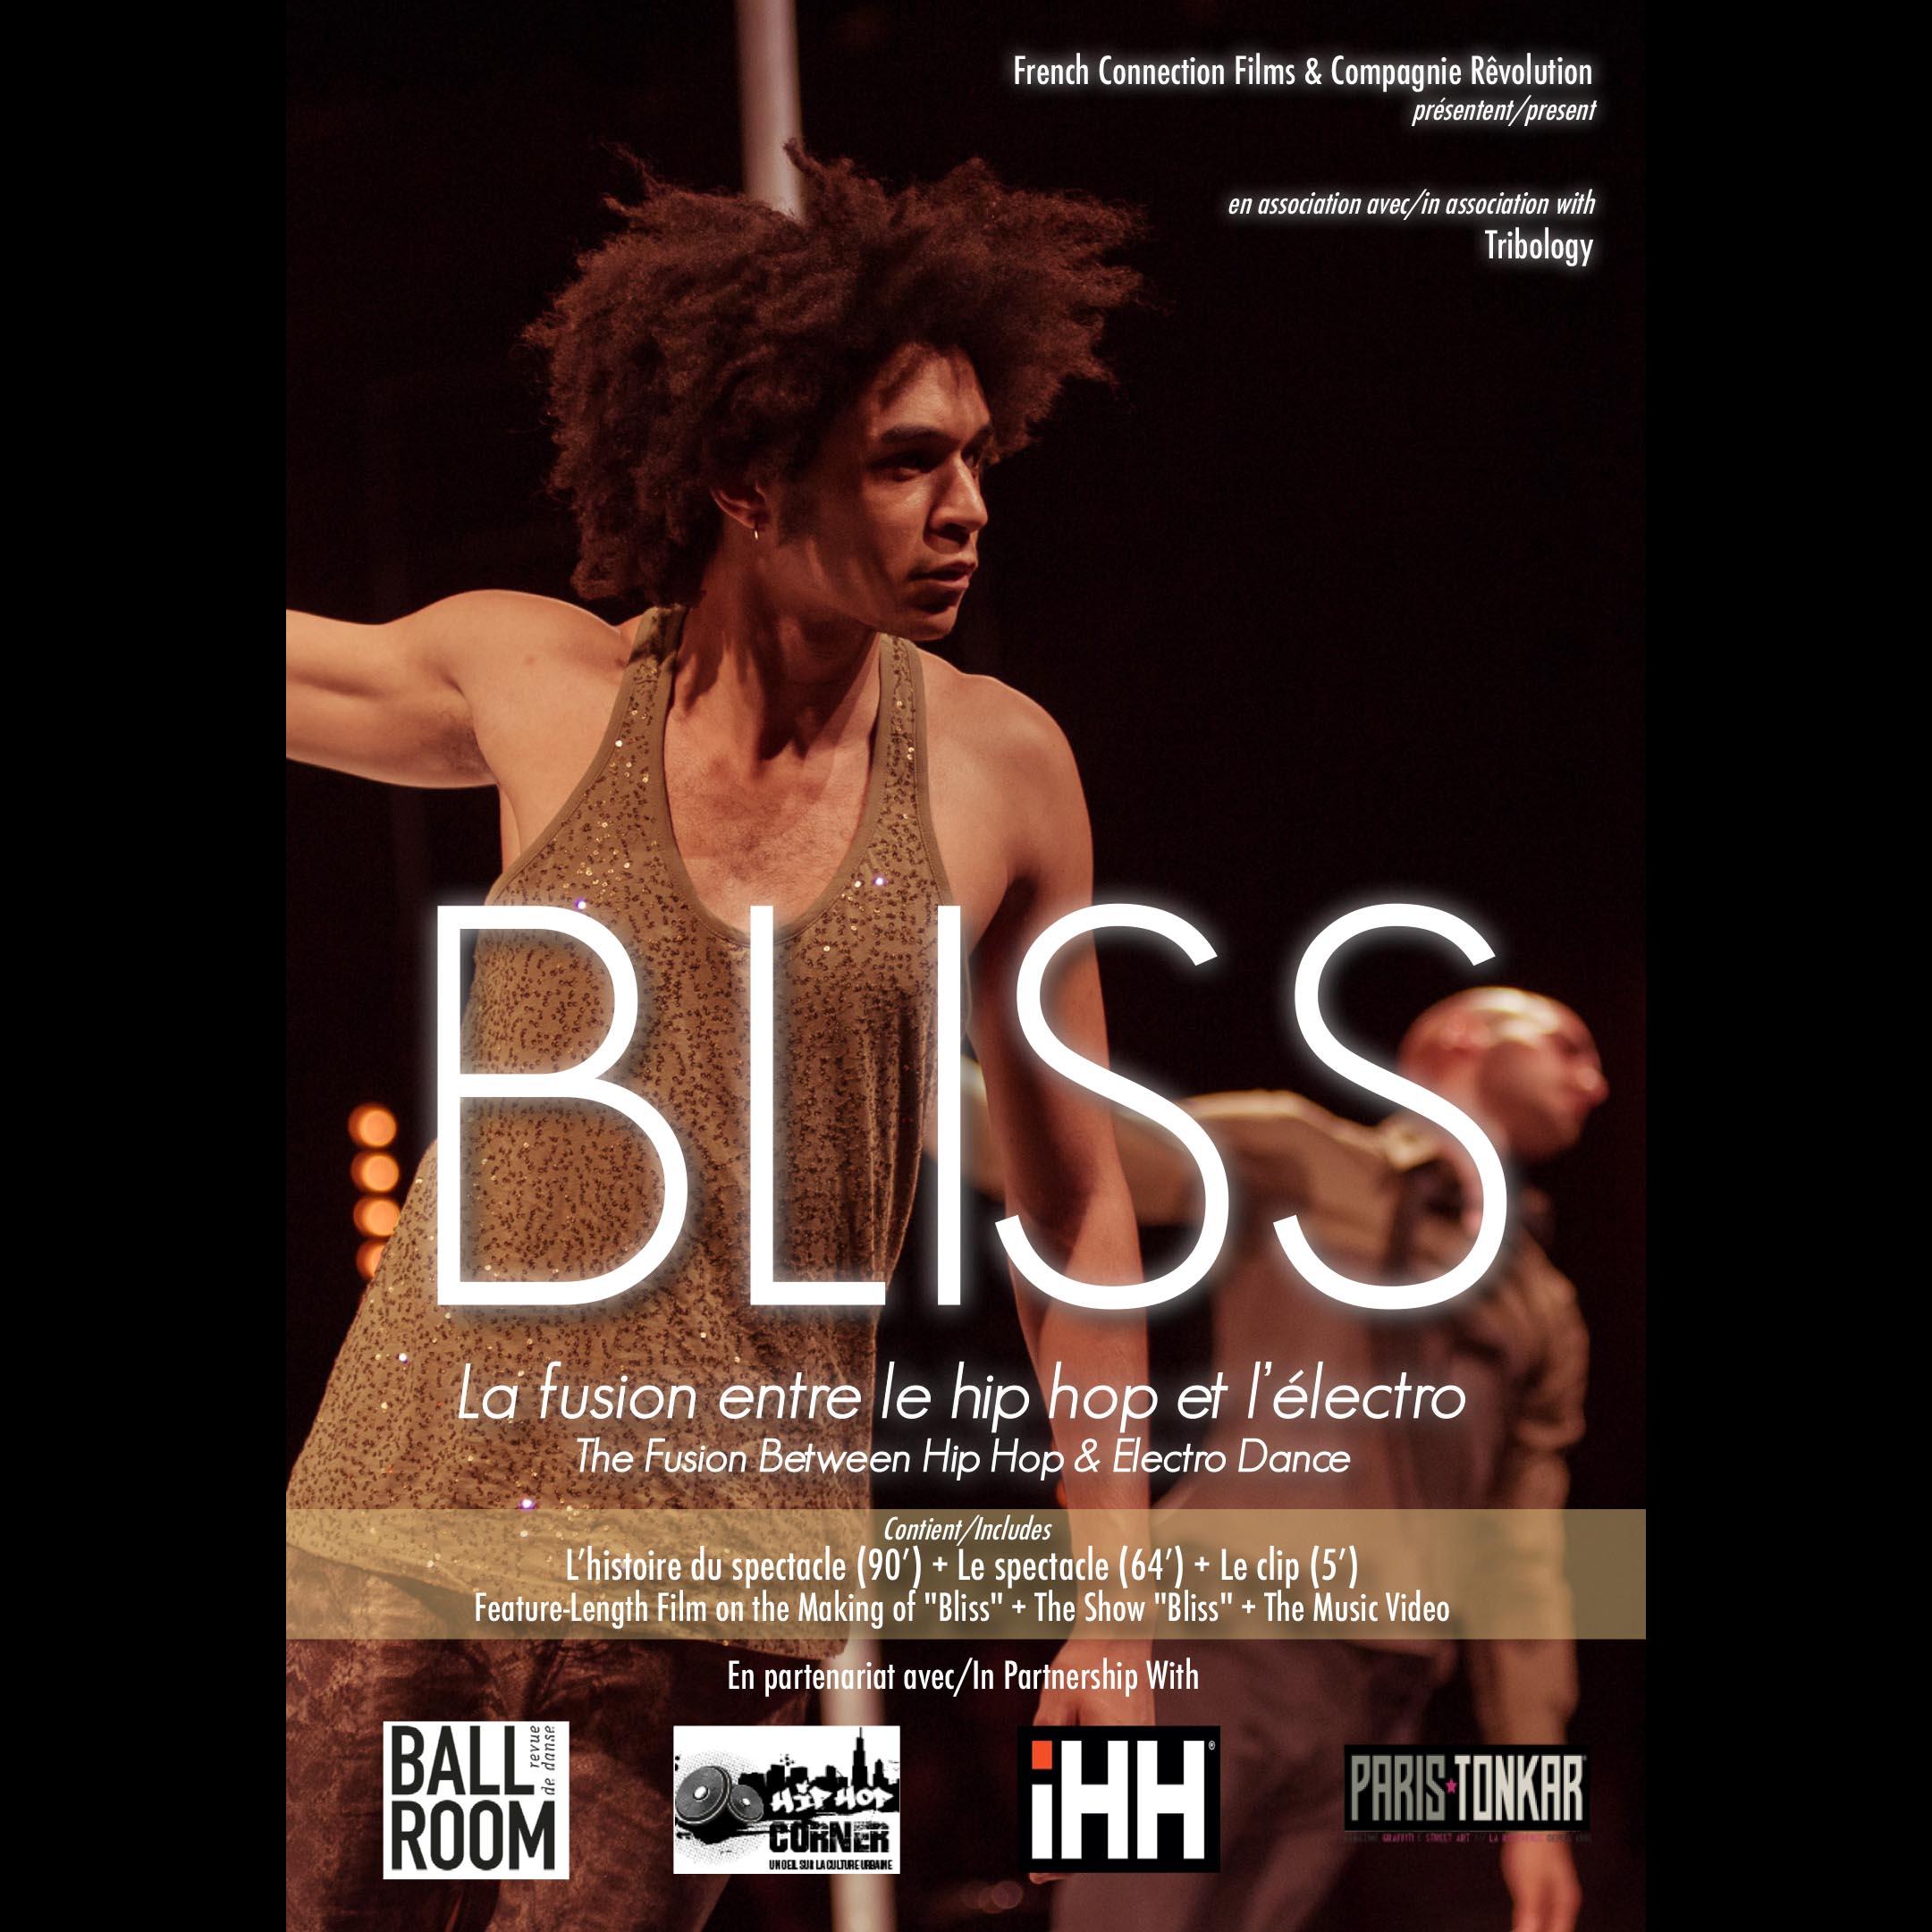 Documentaire danse, DVD FRE022 BLISS, La Fusion entre le Hip Hop et l'Electro, ARCADES FRE022.